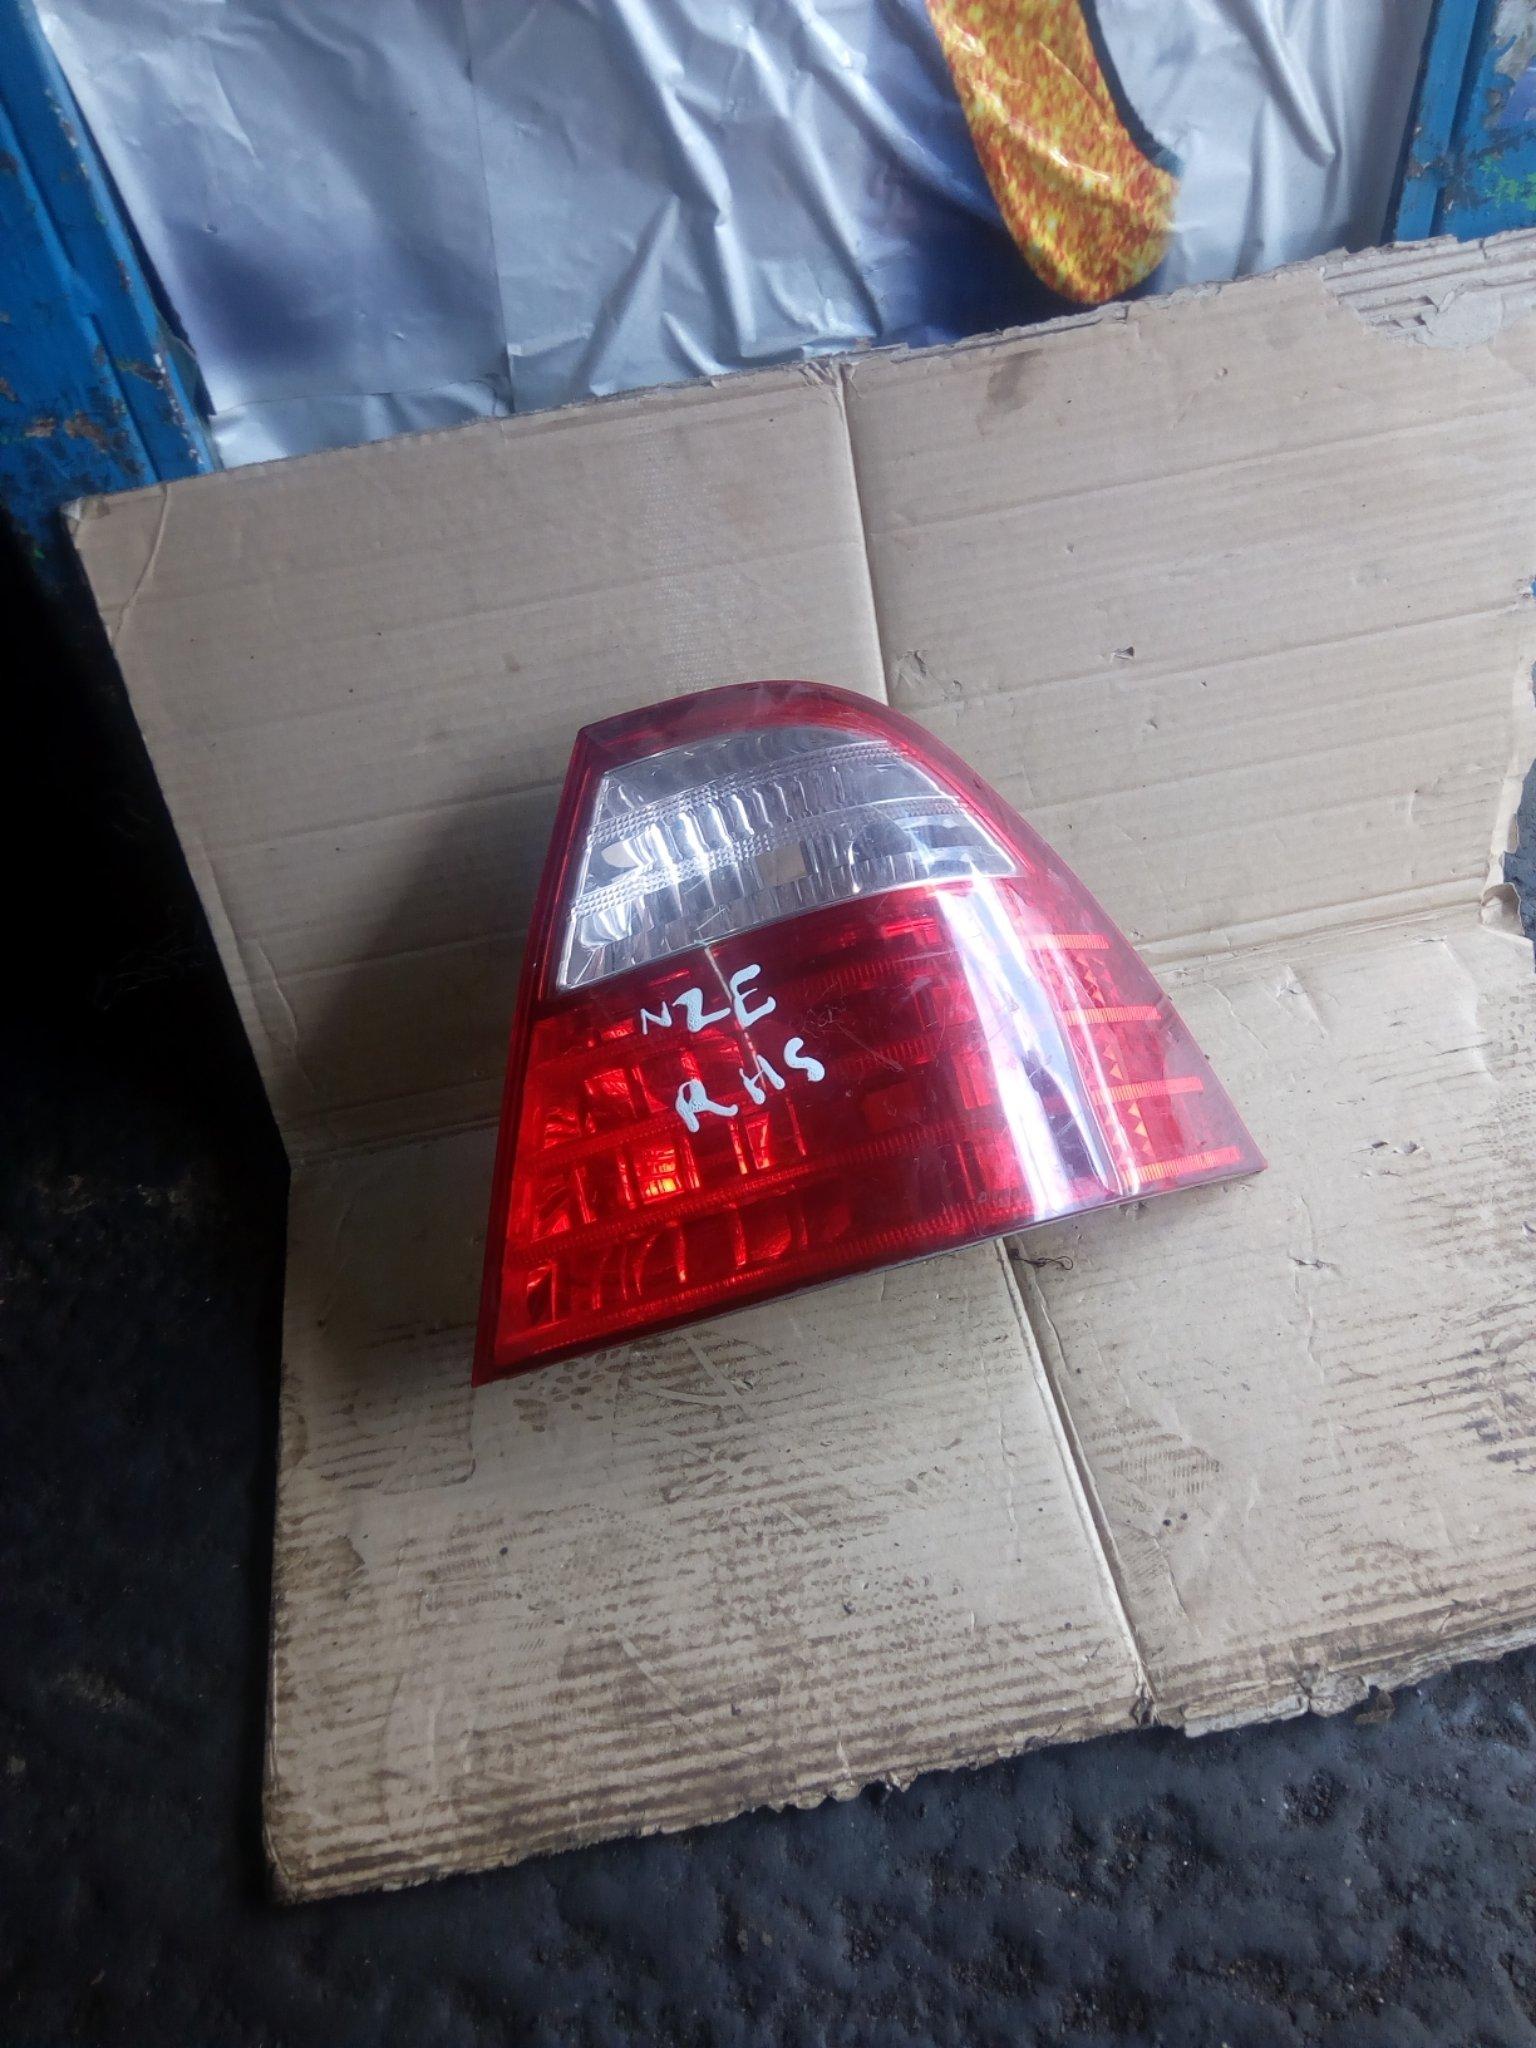 Toyoyta NZE tail light 00288